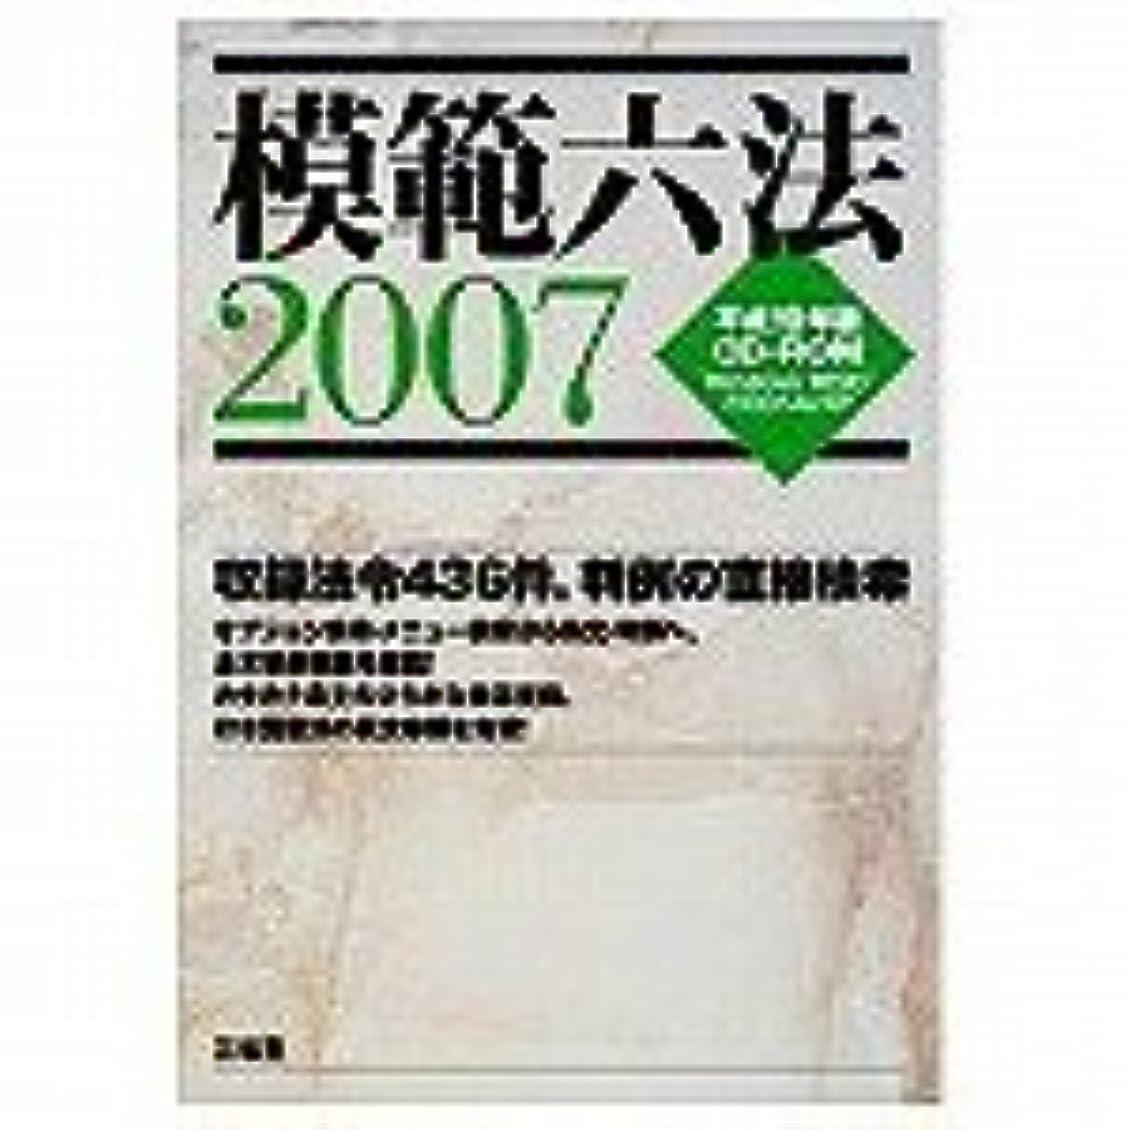 交流する学習者年次模範六法2007 平成19年版 CD-ROM